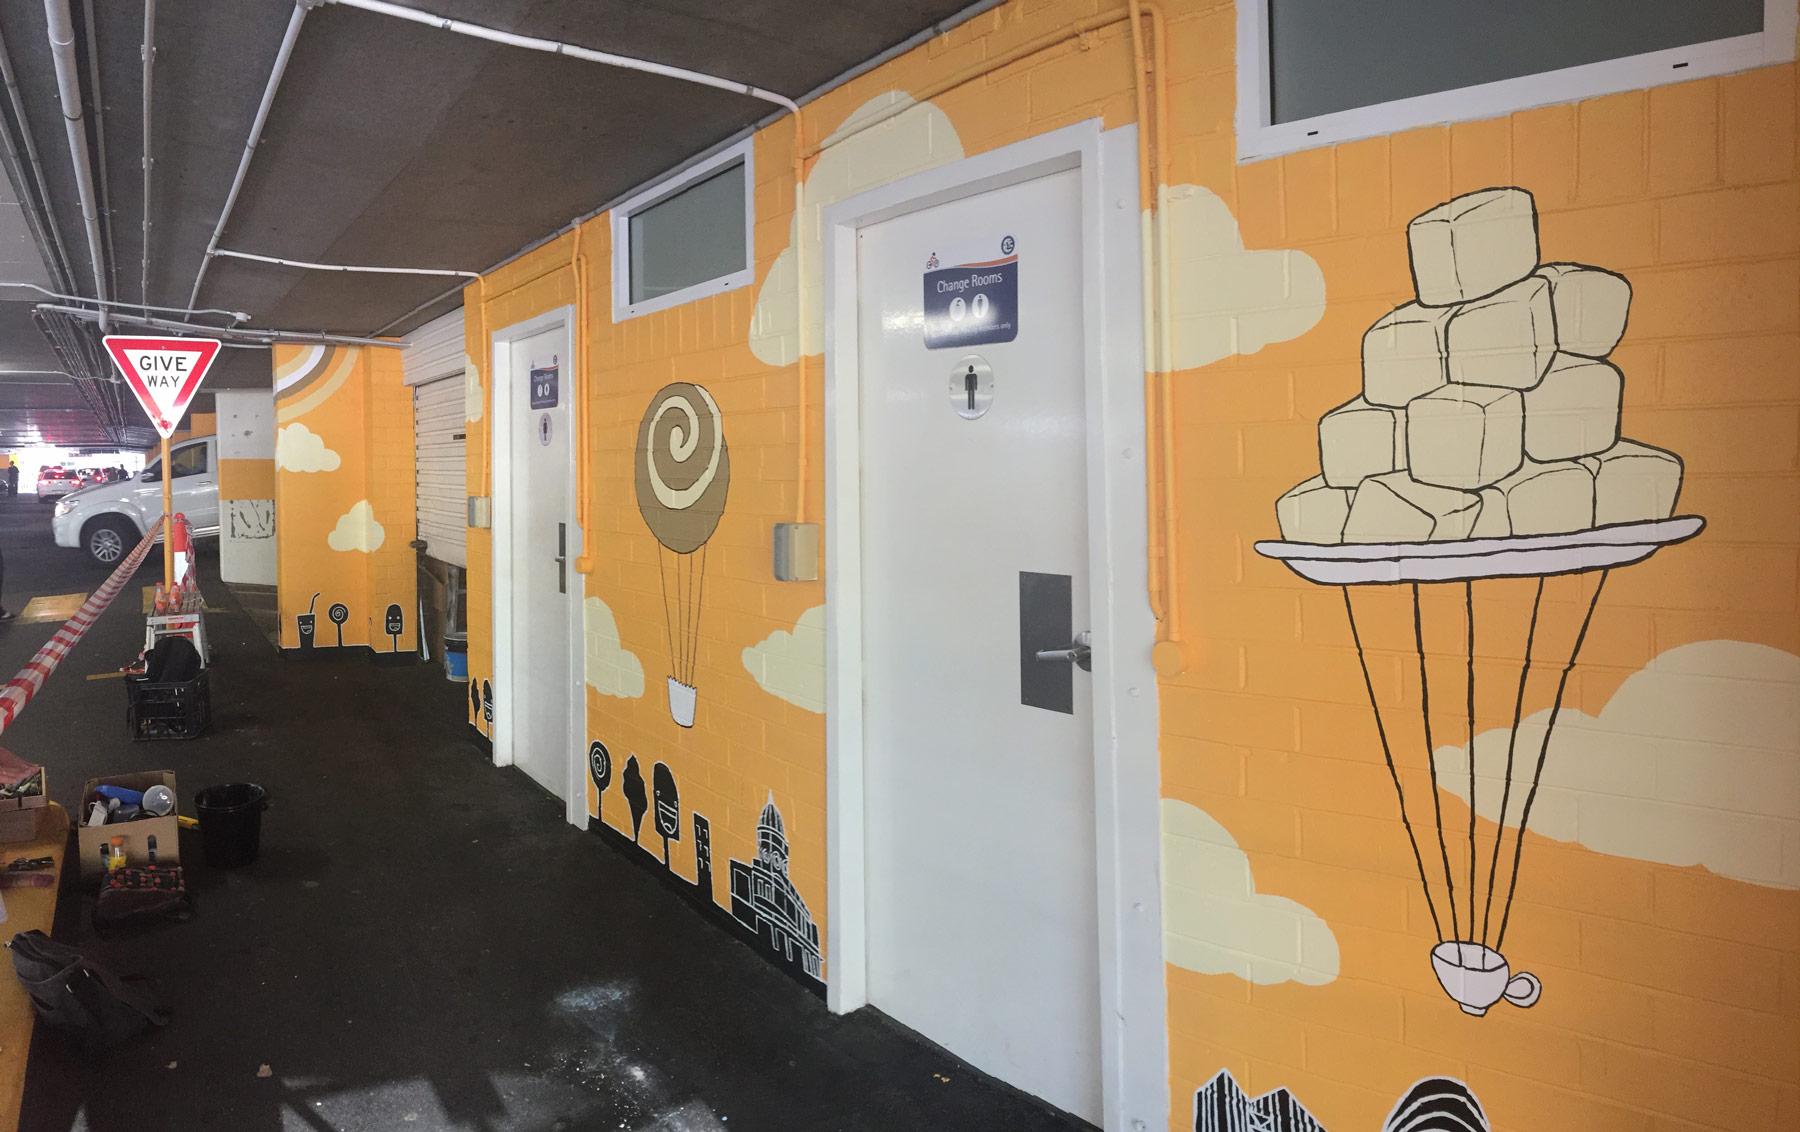 the-art-of-wall-eat-st-car-park-murals-5